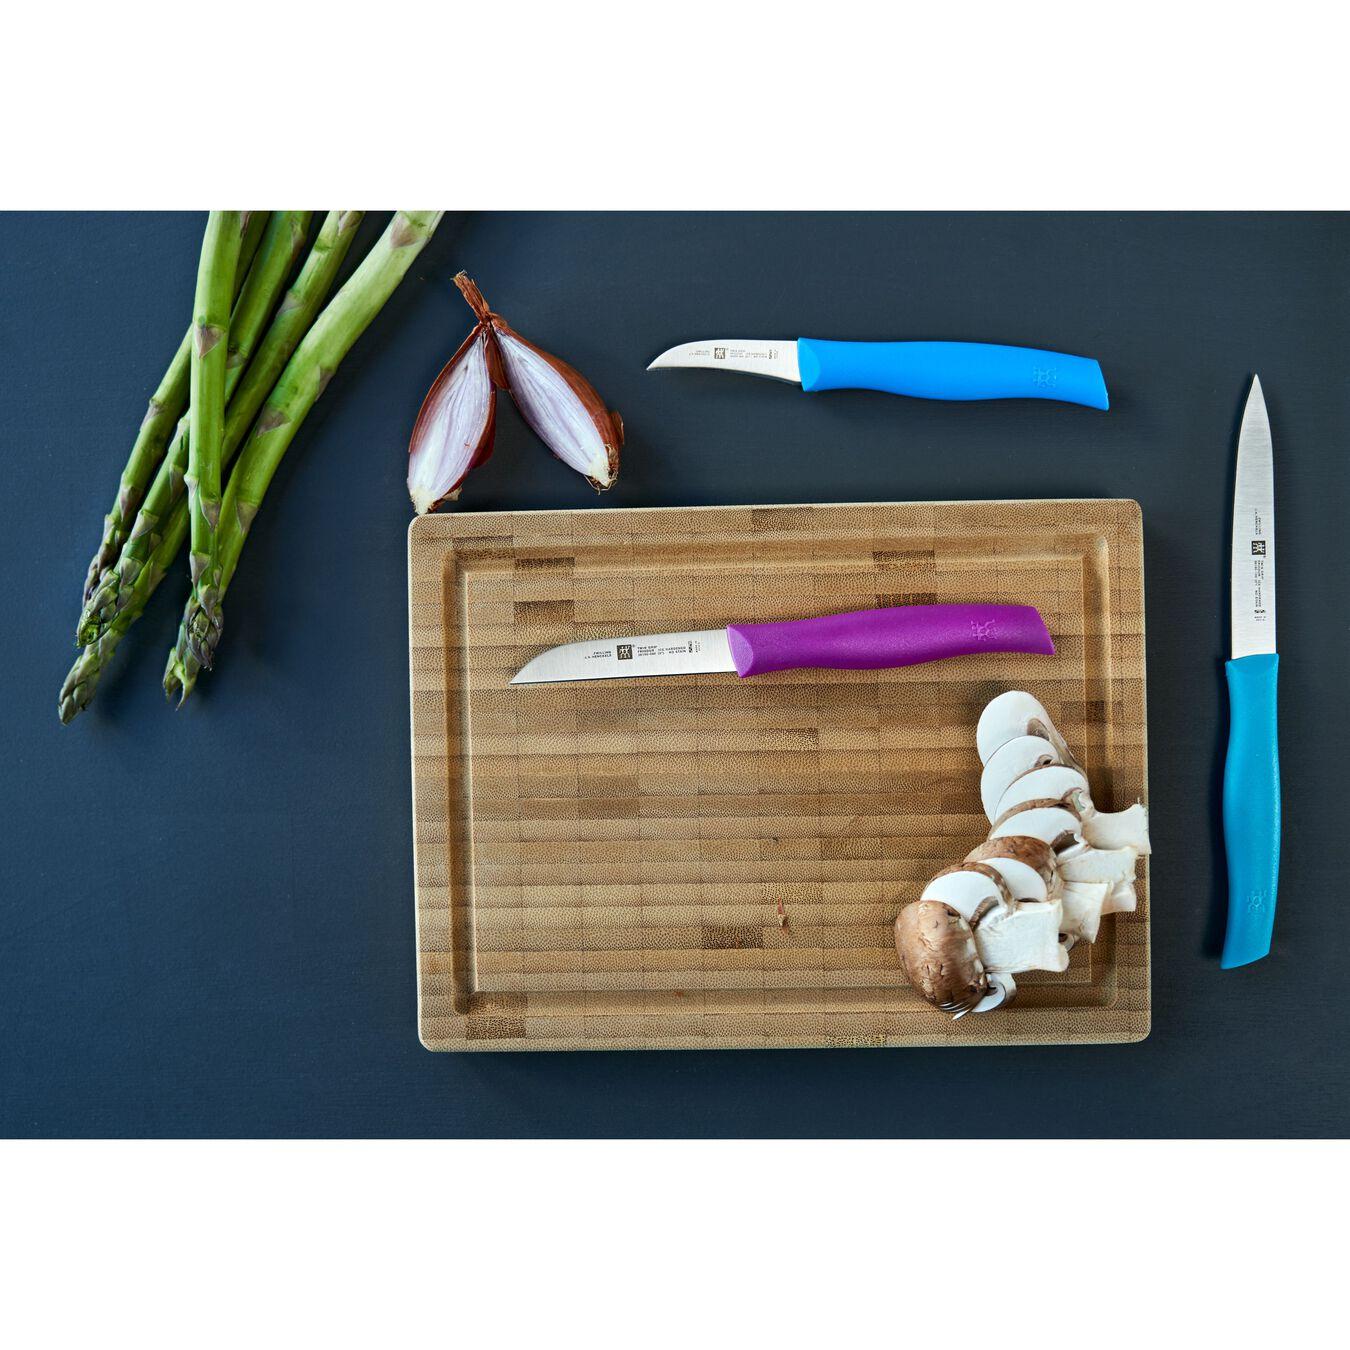 Set de couteaux 3-pcs,,large 2